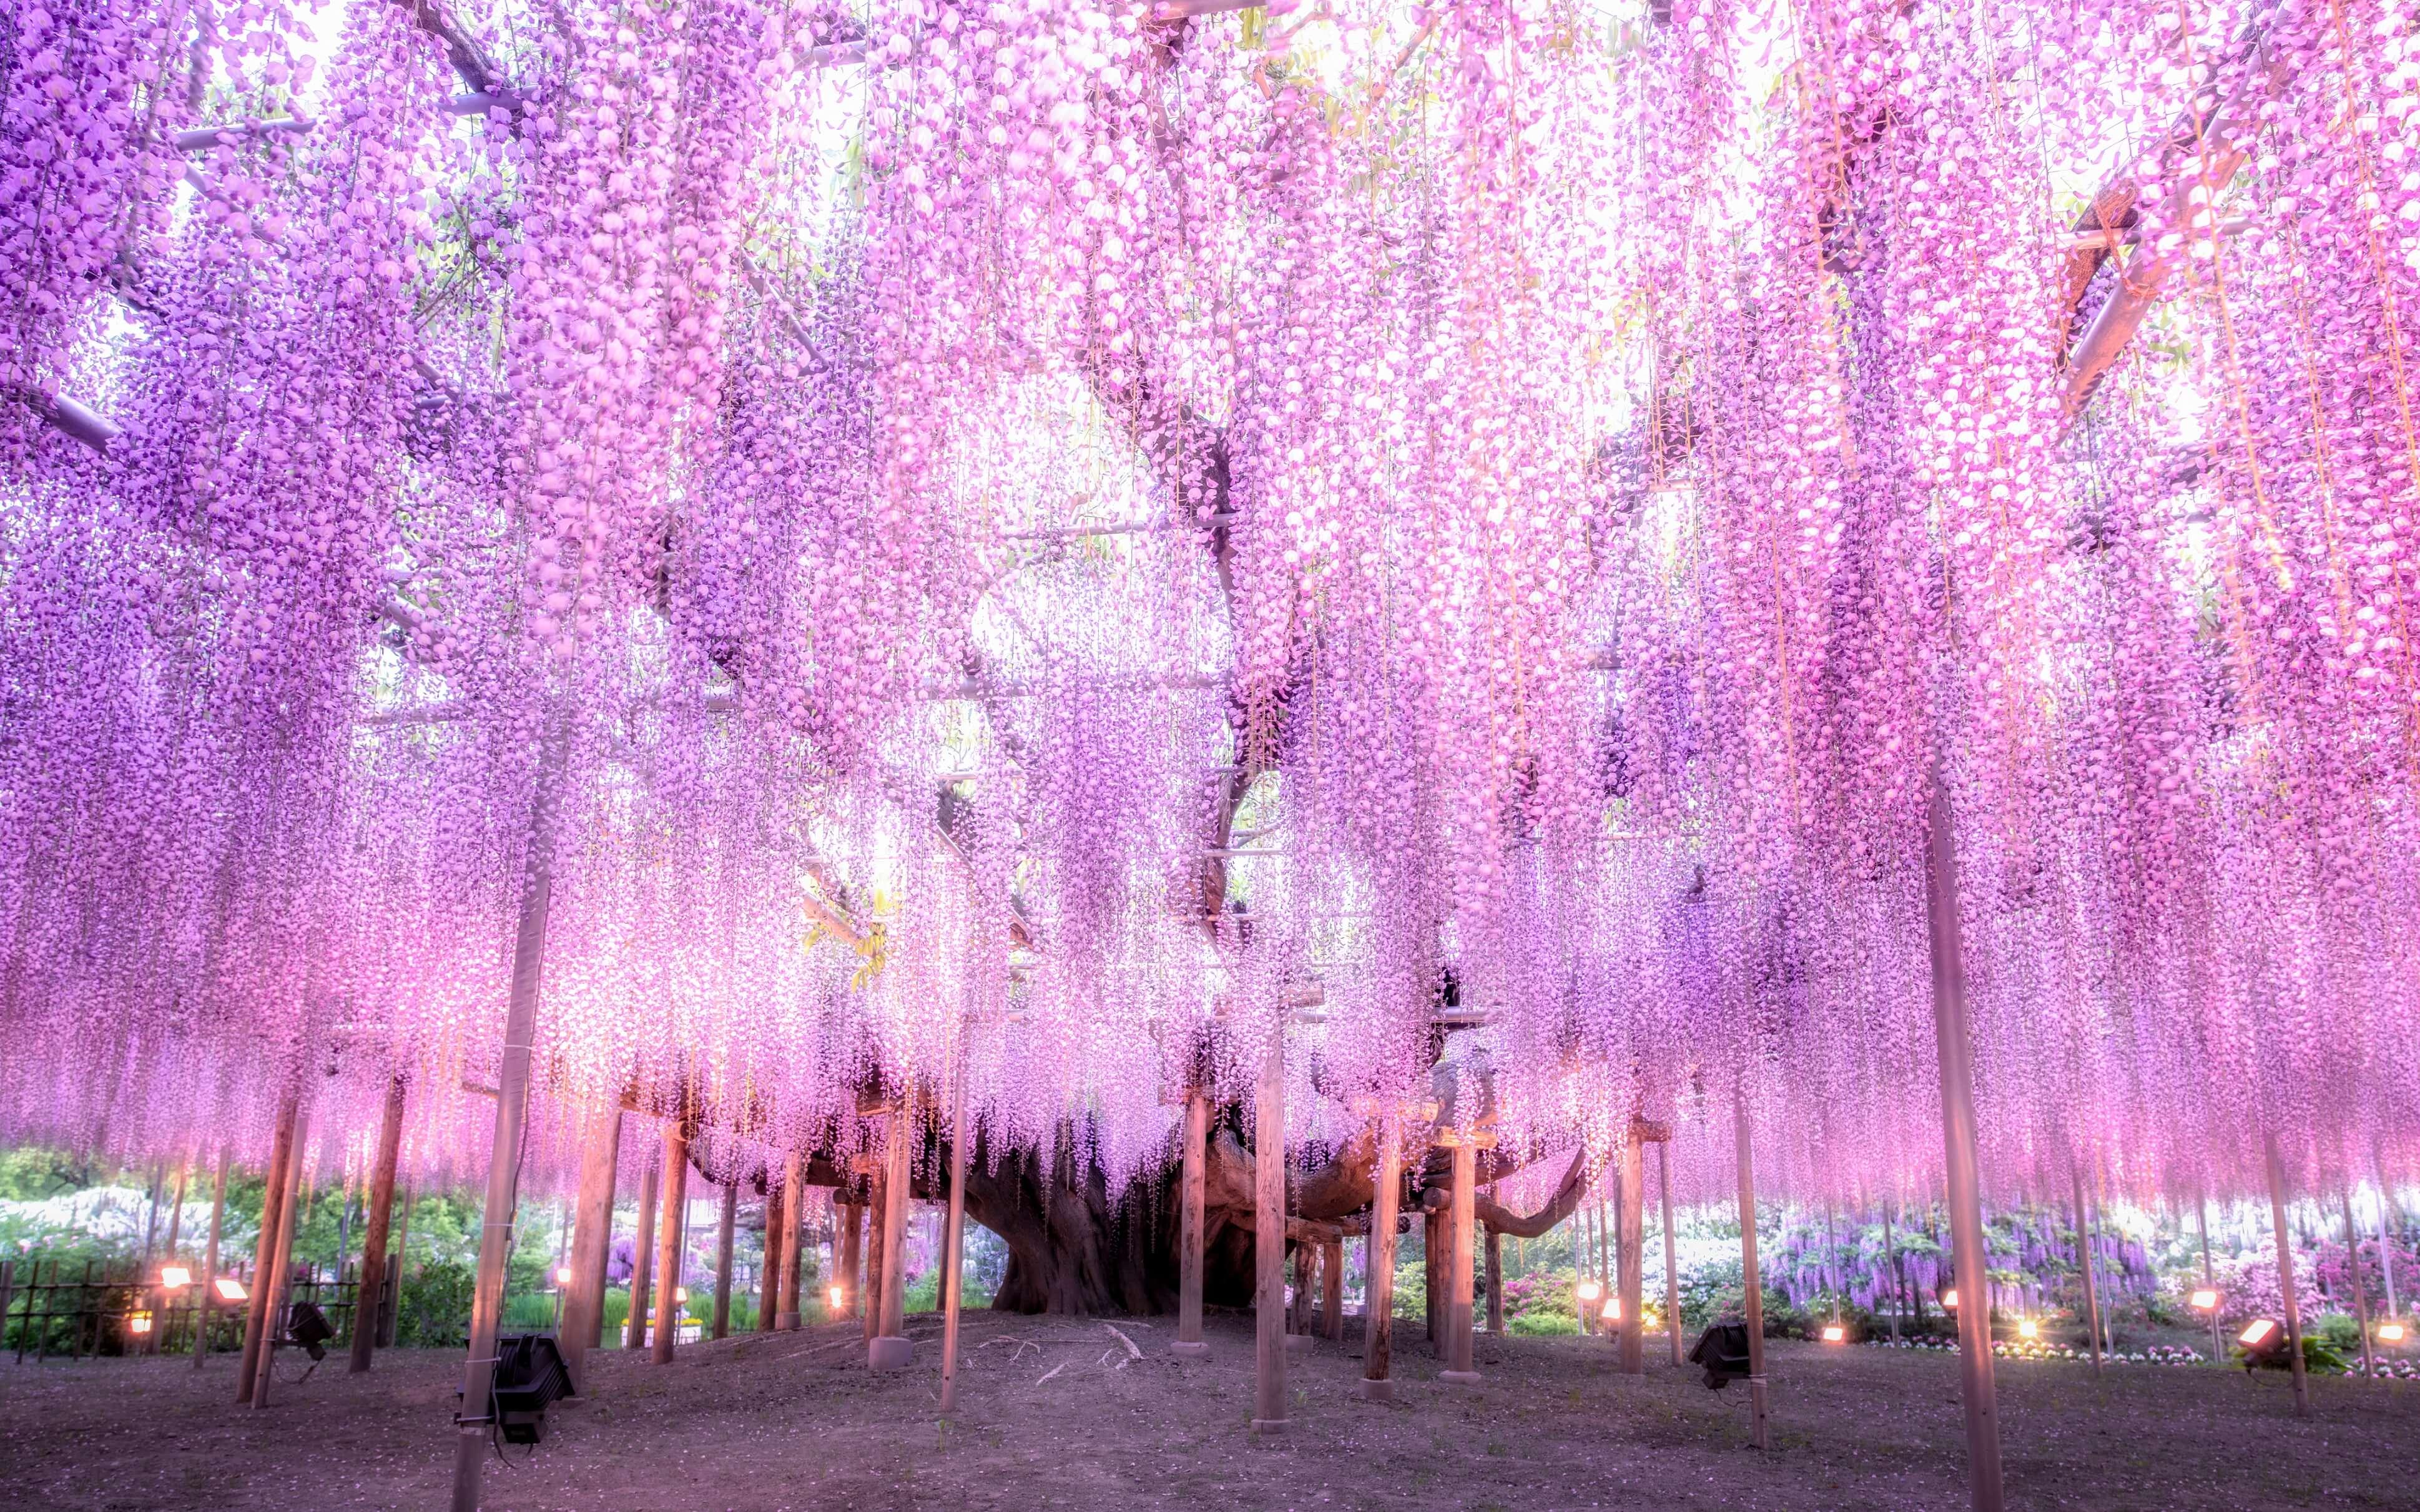 大藤 ofuji あしかがフラワーパーク ふじのはな物語~大藤まつり2019~ ashikaga flower park fujino hana monogatari ofuji matsuri 2019 1main1sub4